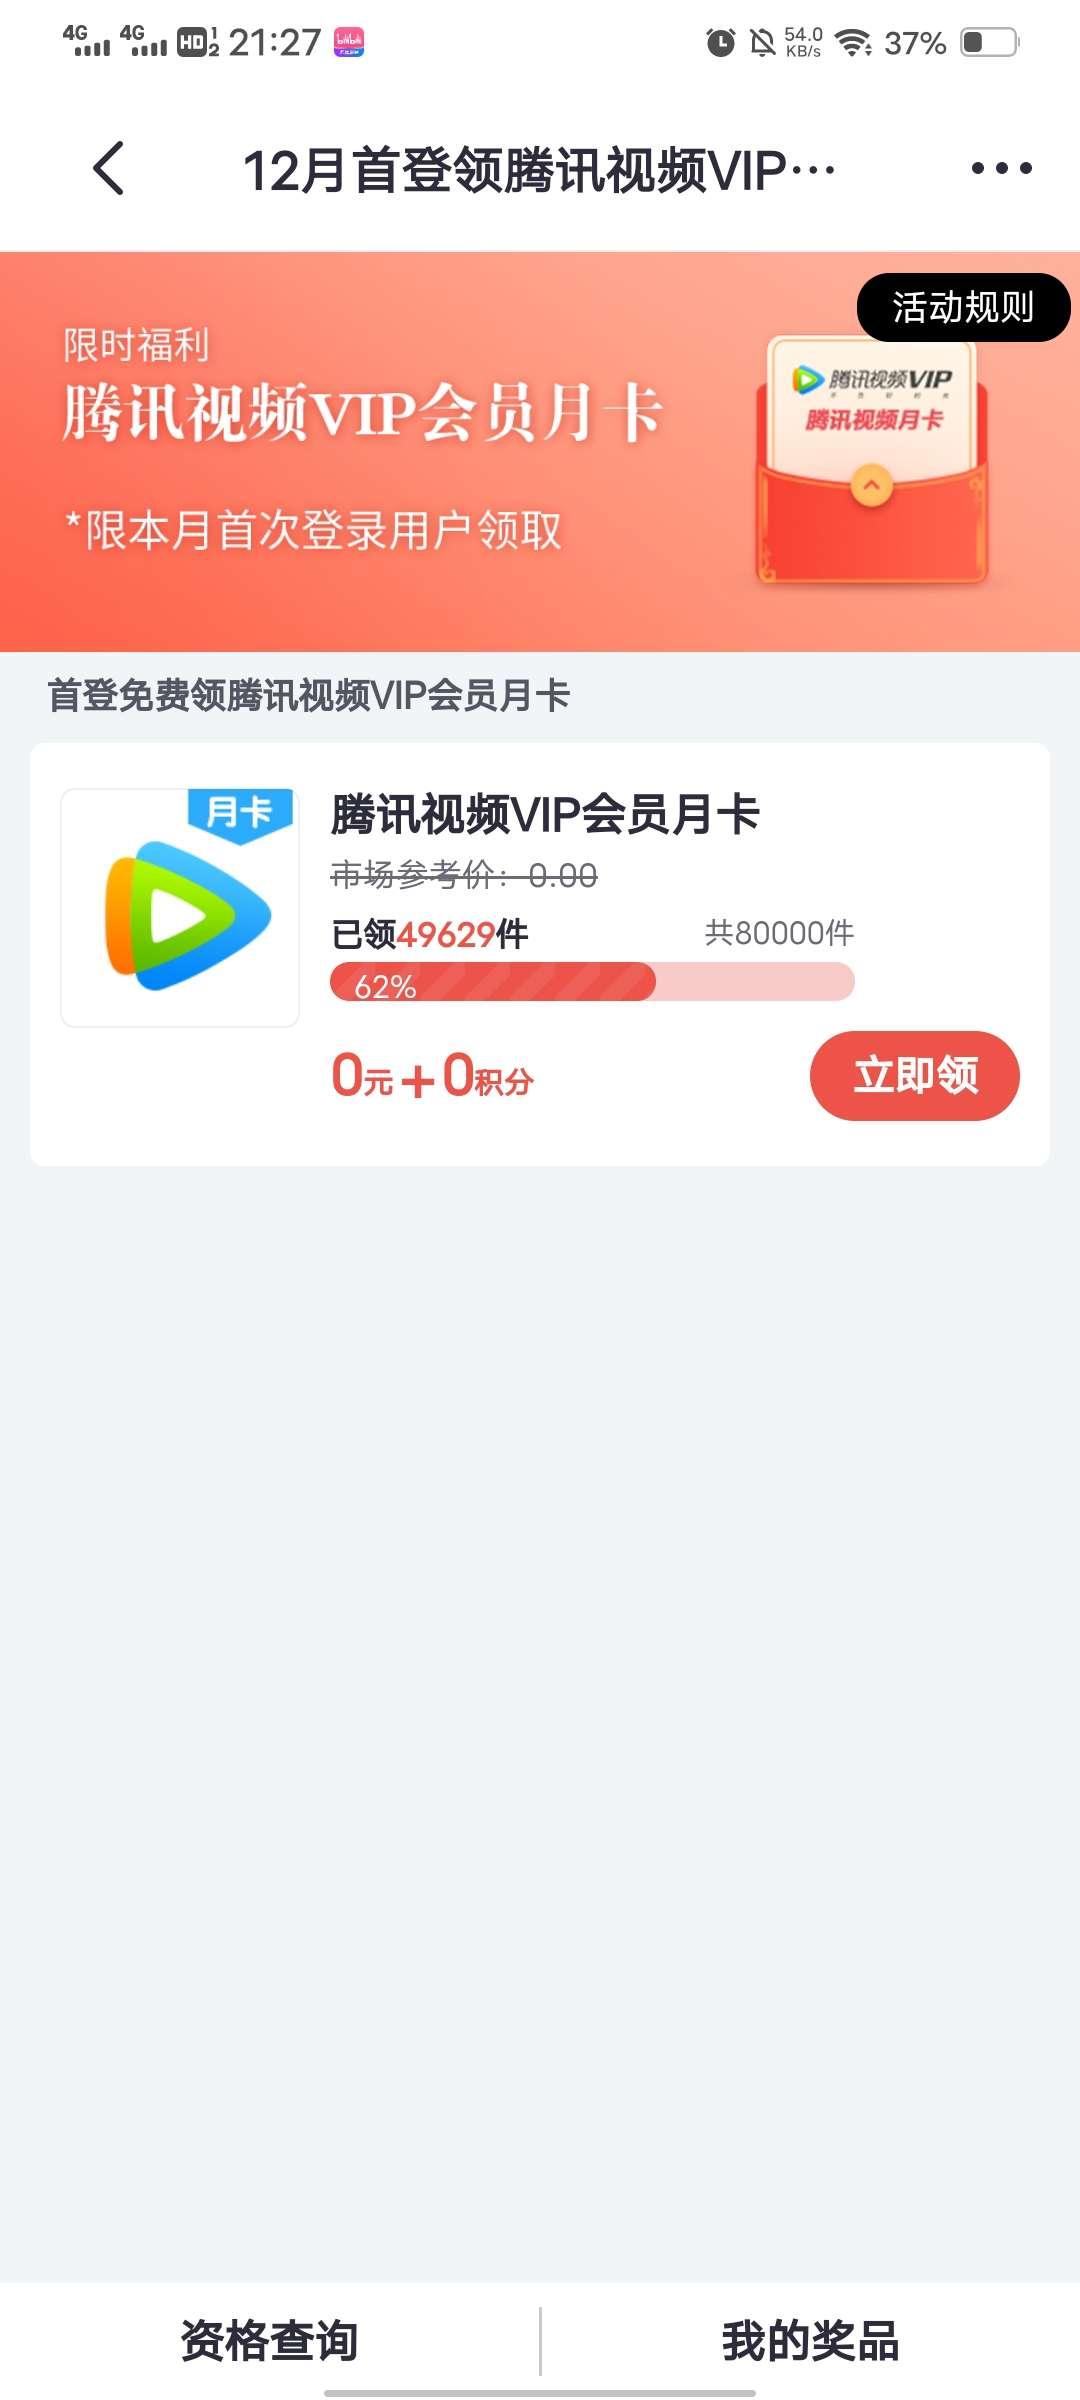 图片[2]-腾讯视频会员-老友薅羊毛活动线报网